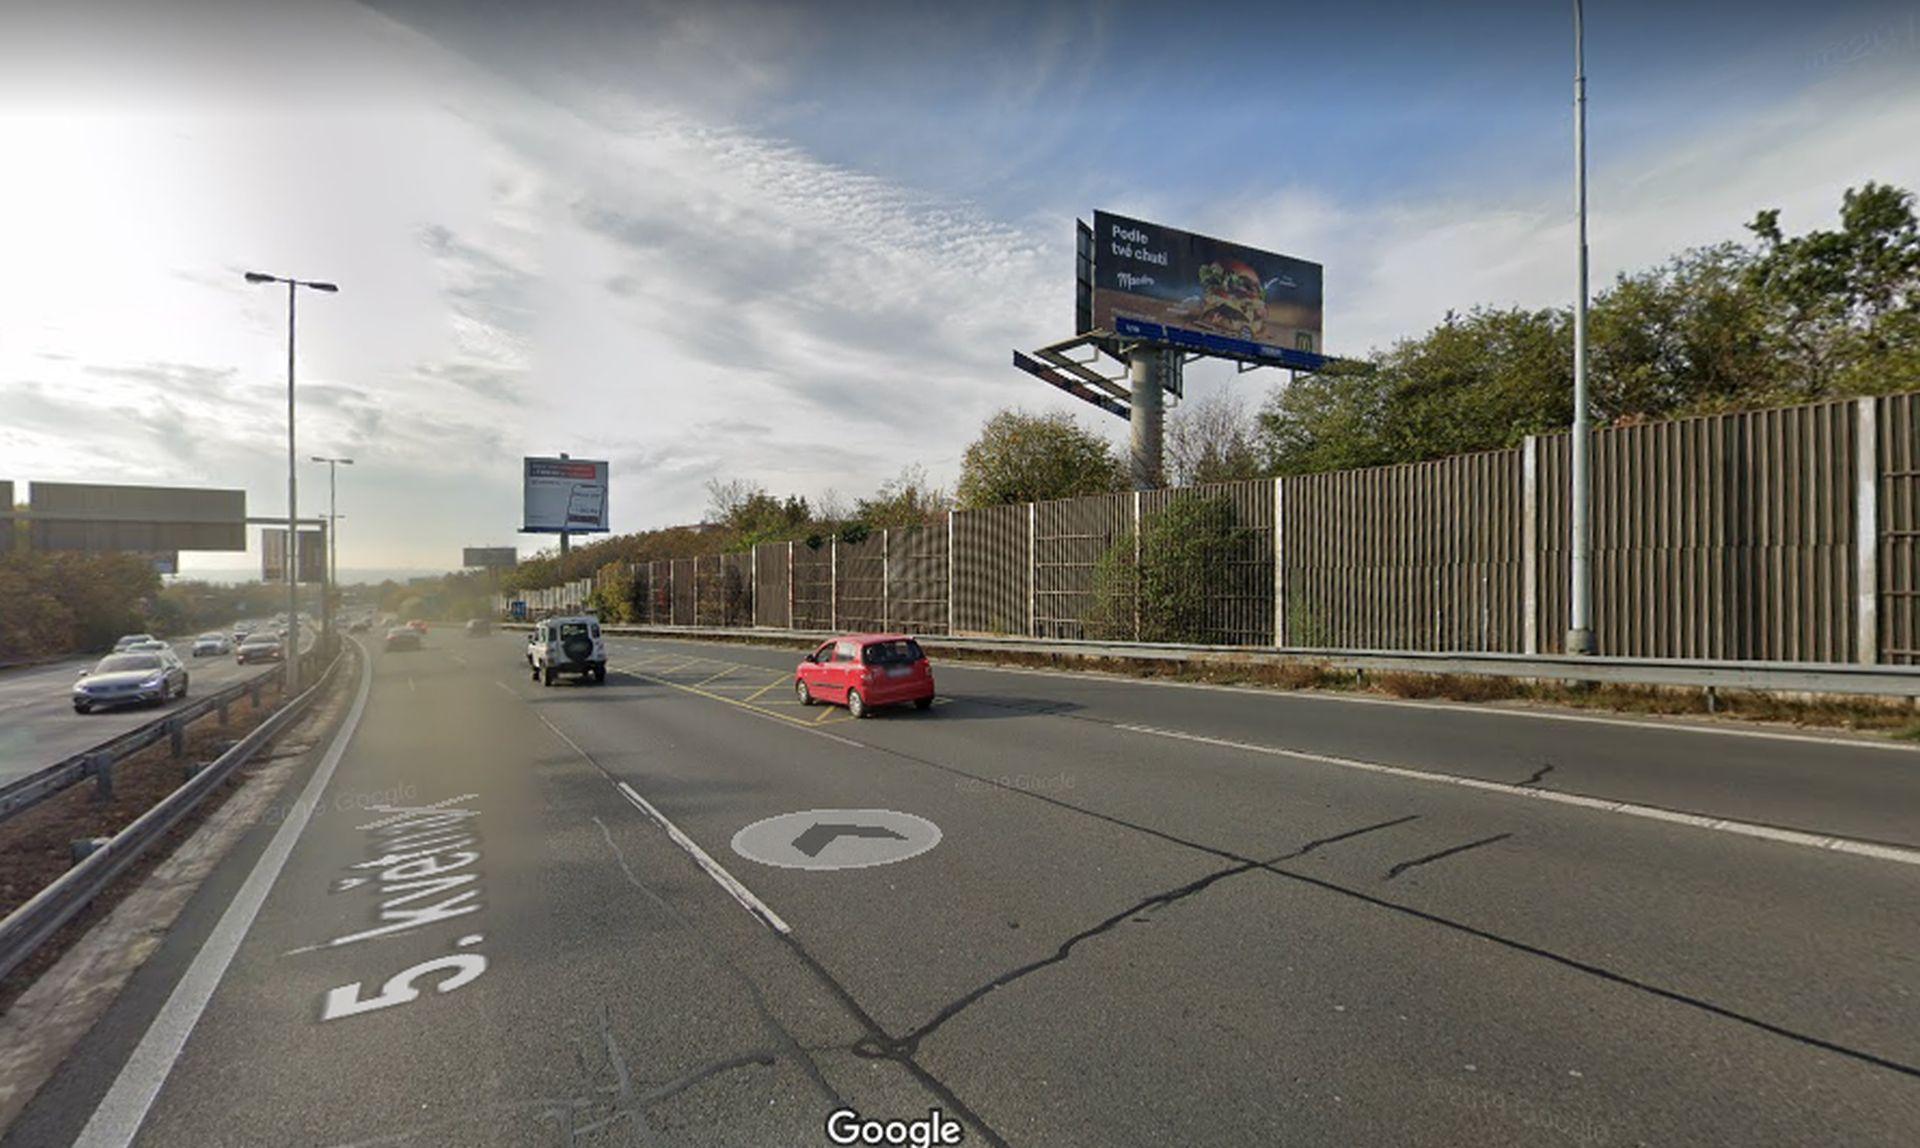 Úsek magistrály před sjezdem na Jižní spojku, kde chce Praha vyhrazený pruh pro autobusy. Foto: Google Street View